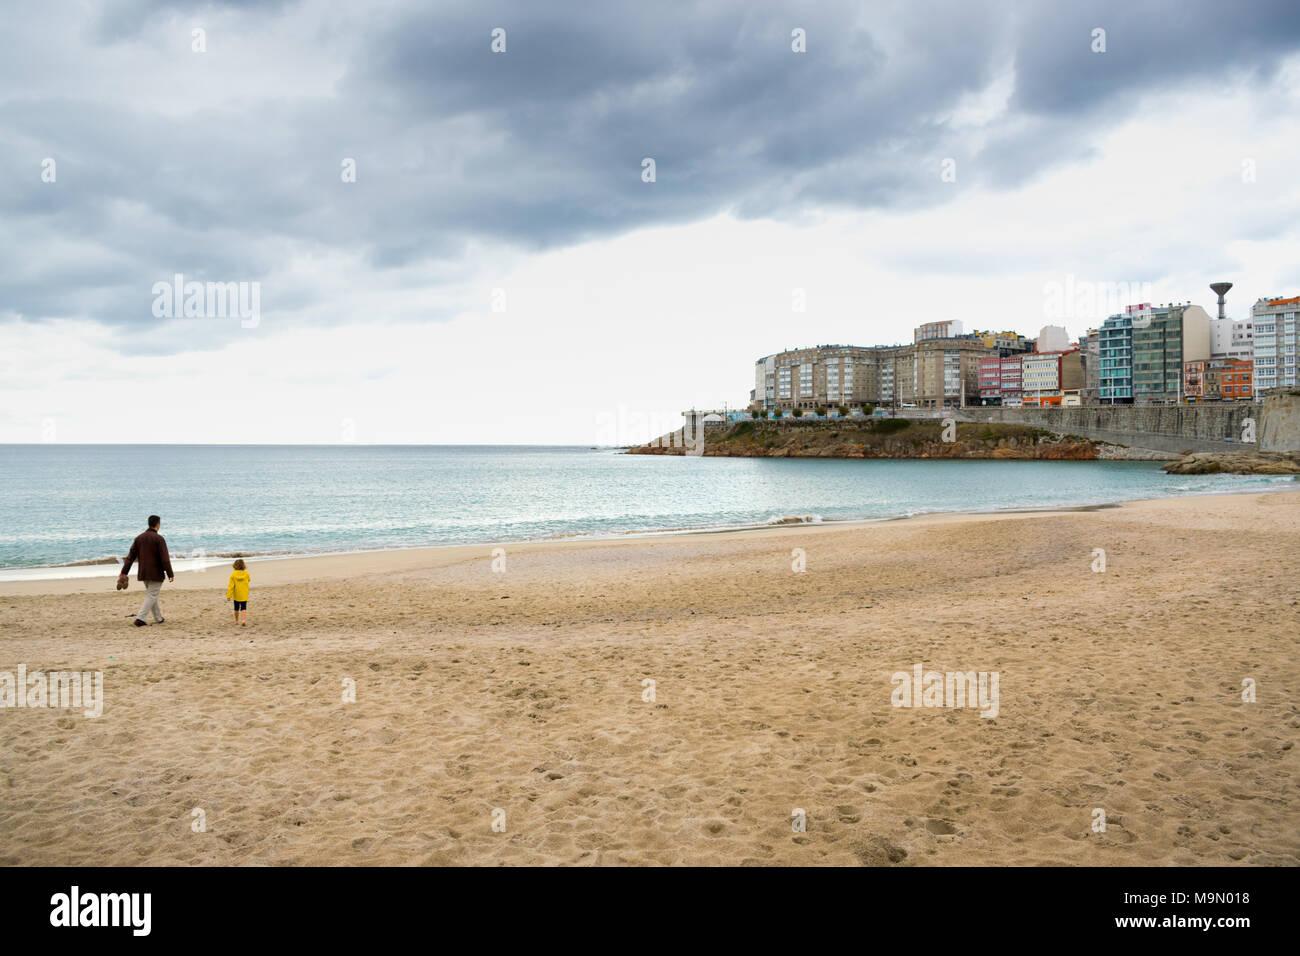 Padre e hija caminando en una playa en el norte de España bajo un cielo nublado Imagen De Stock